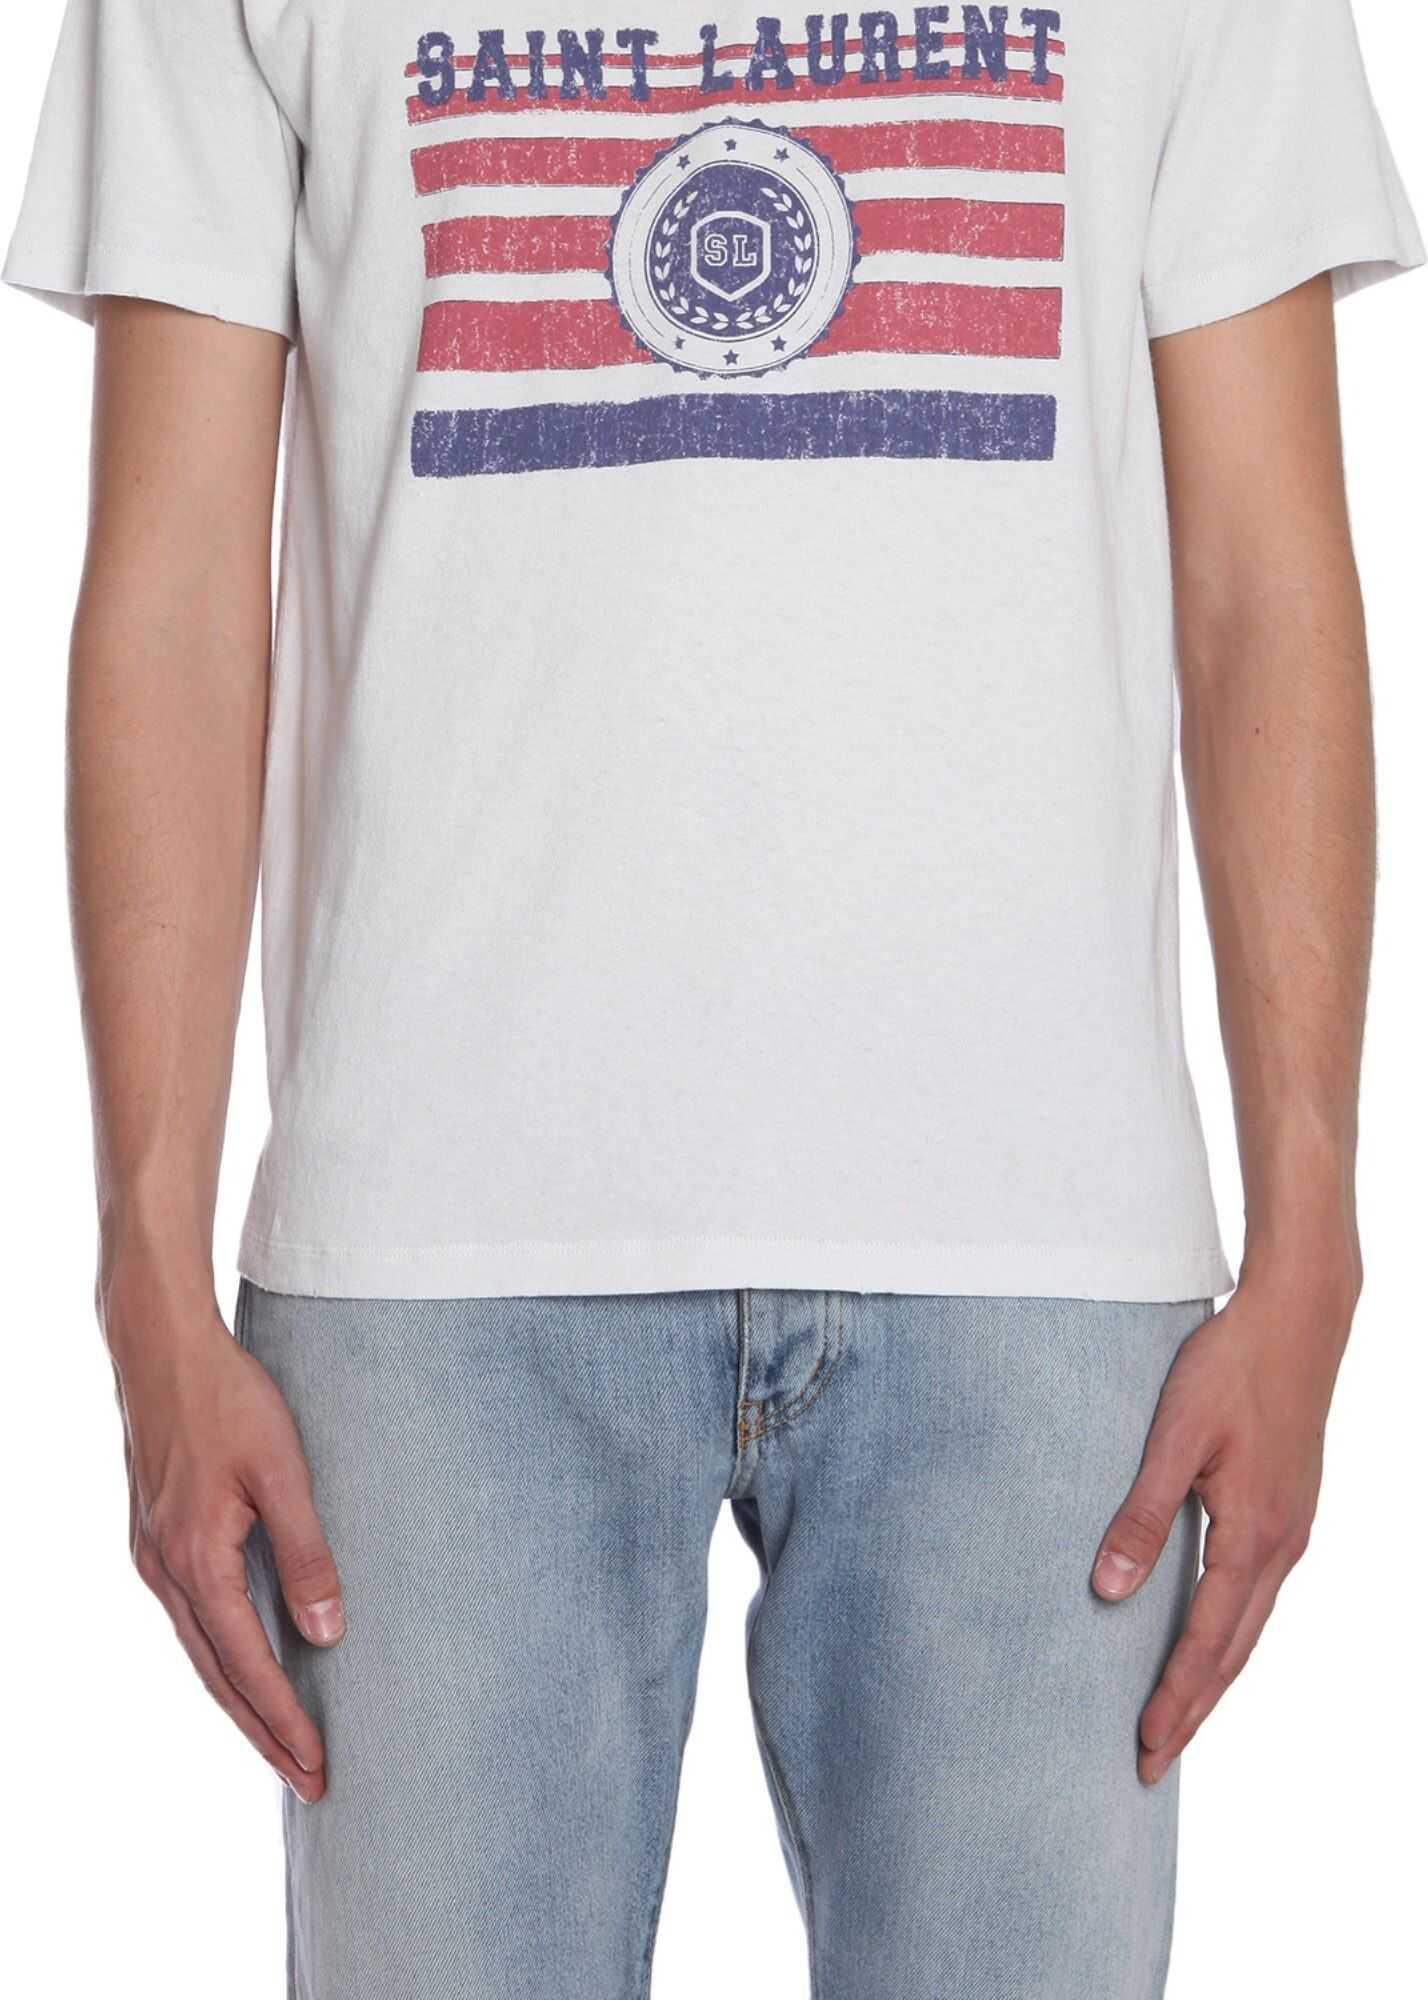 T-Shirt With Saint Laurent University Print